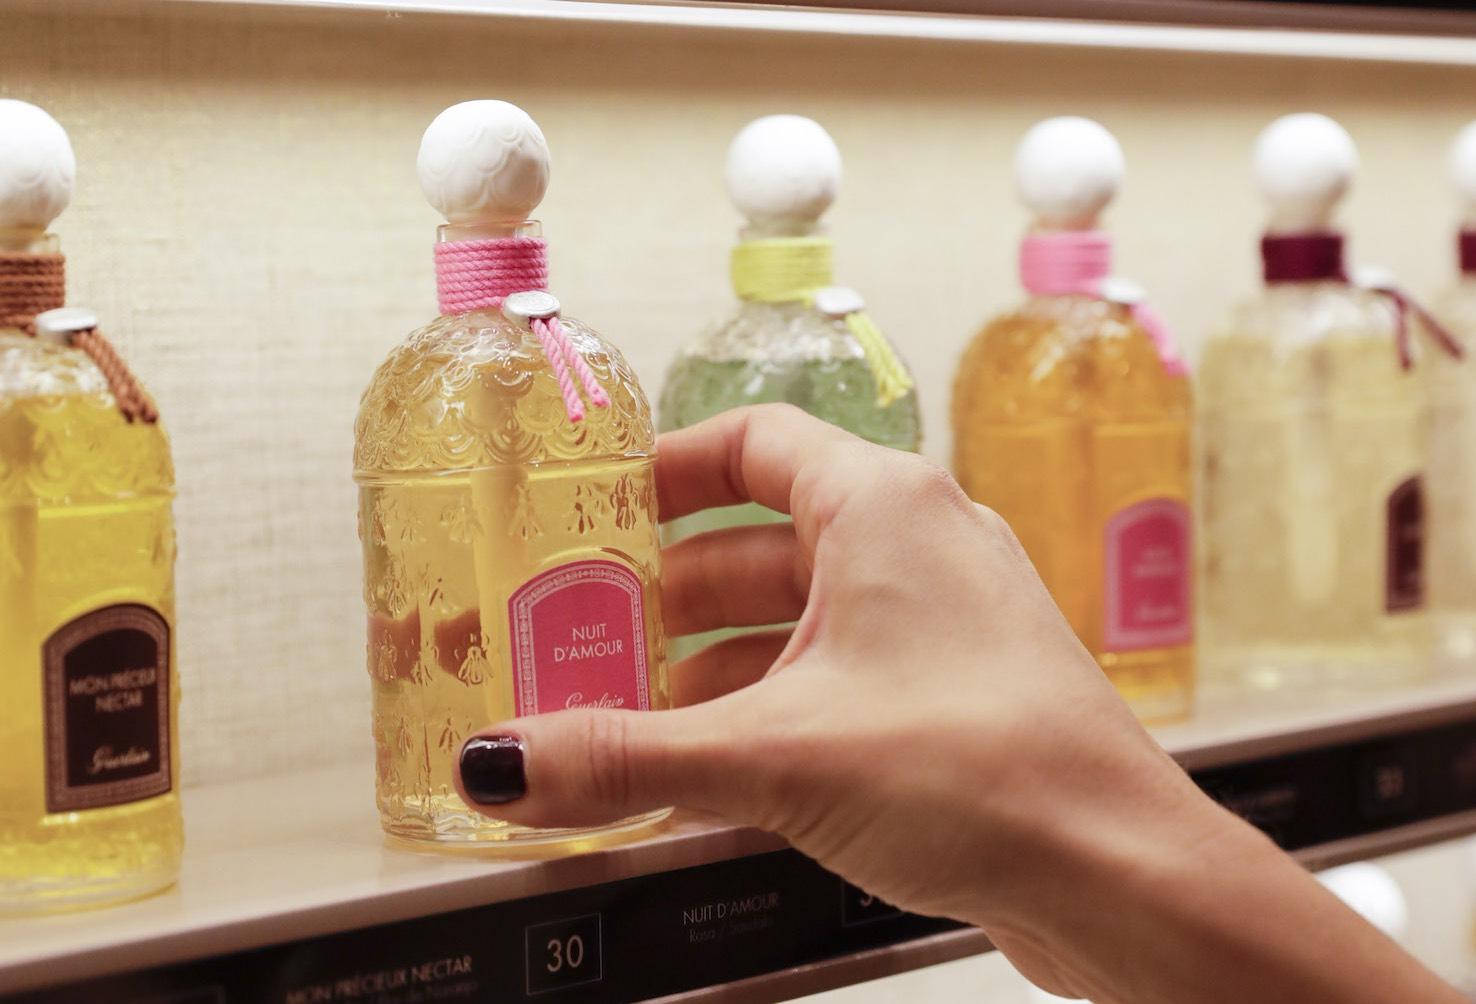 Descubre cómo encontrar el perfume de tu vida